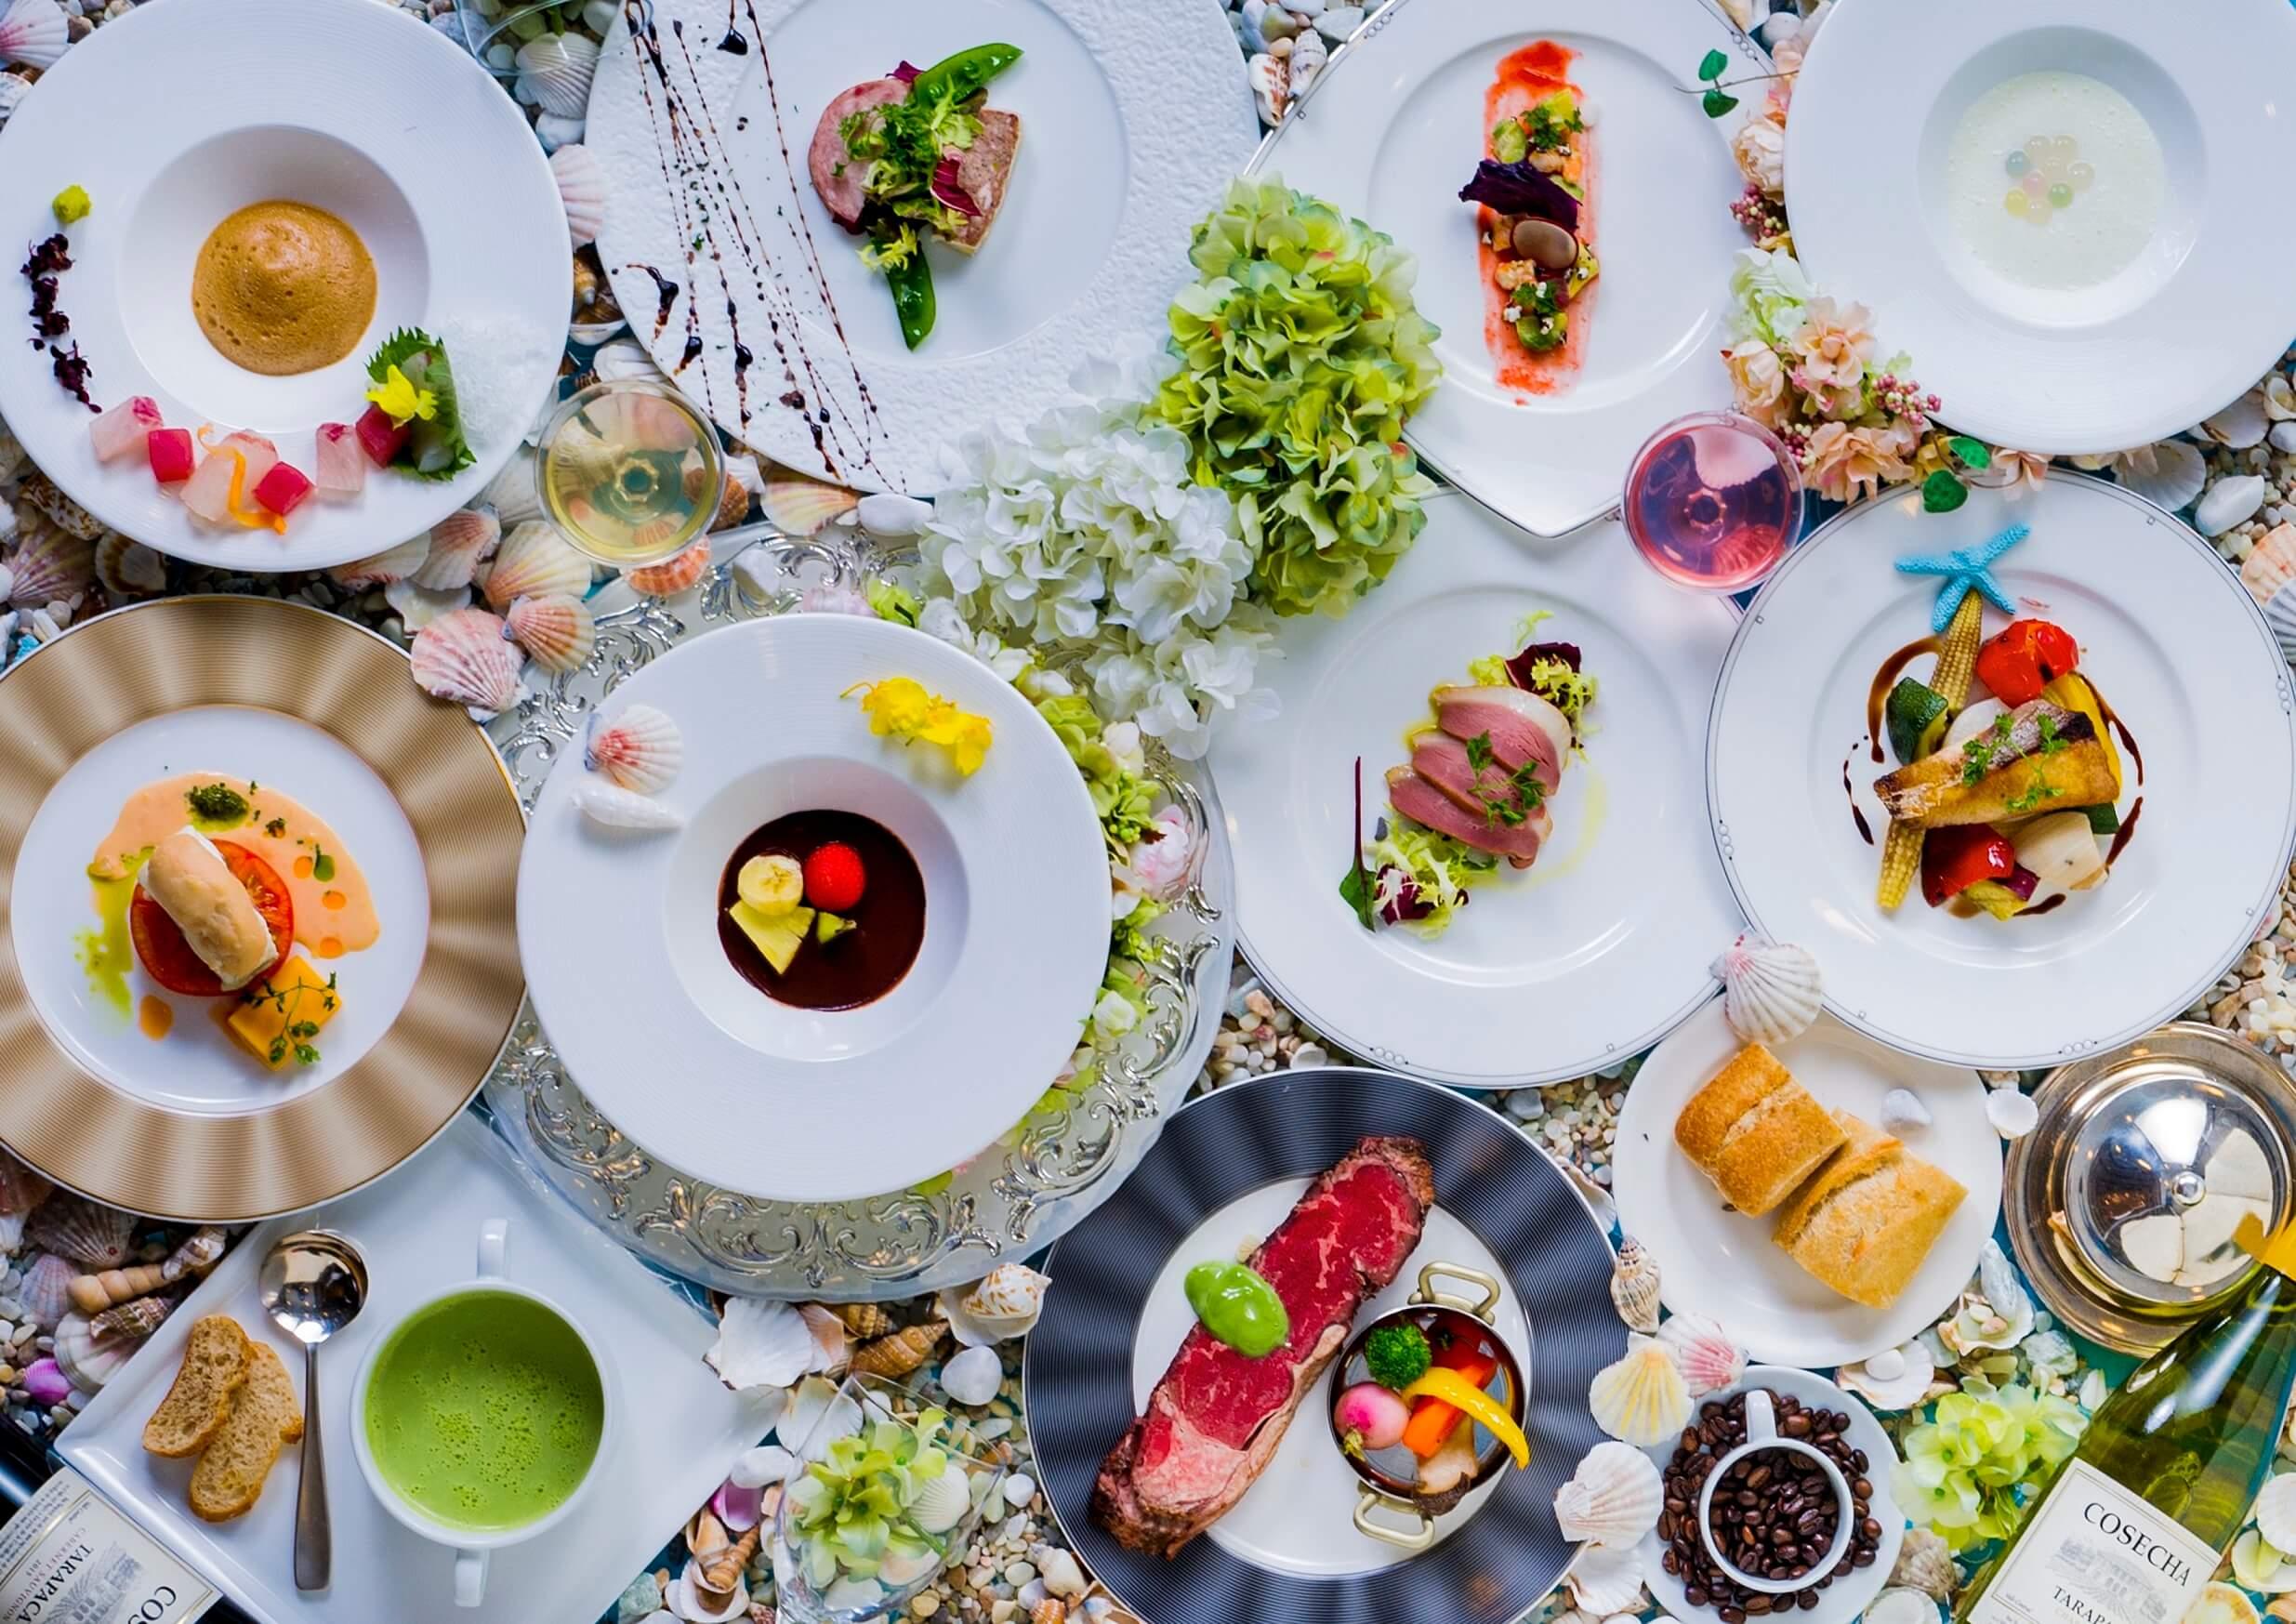 絶景に負けないお料理!Ocean French と名付けたその一皿一皿は透き通るような美しさ